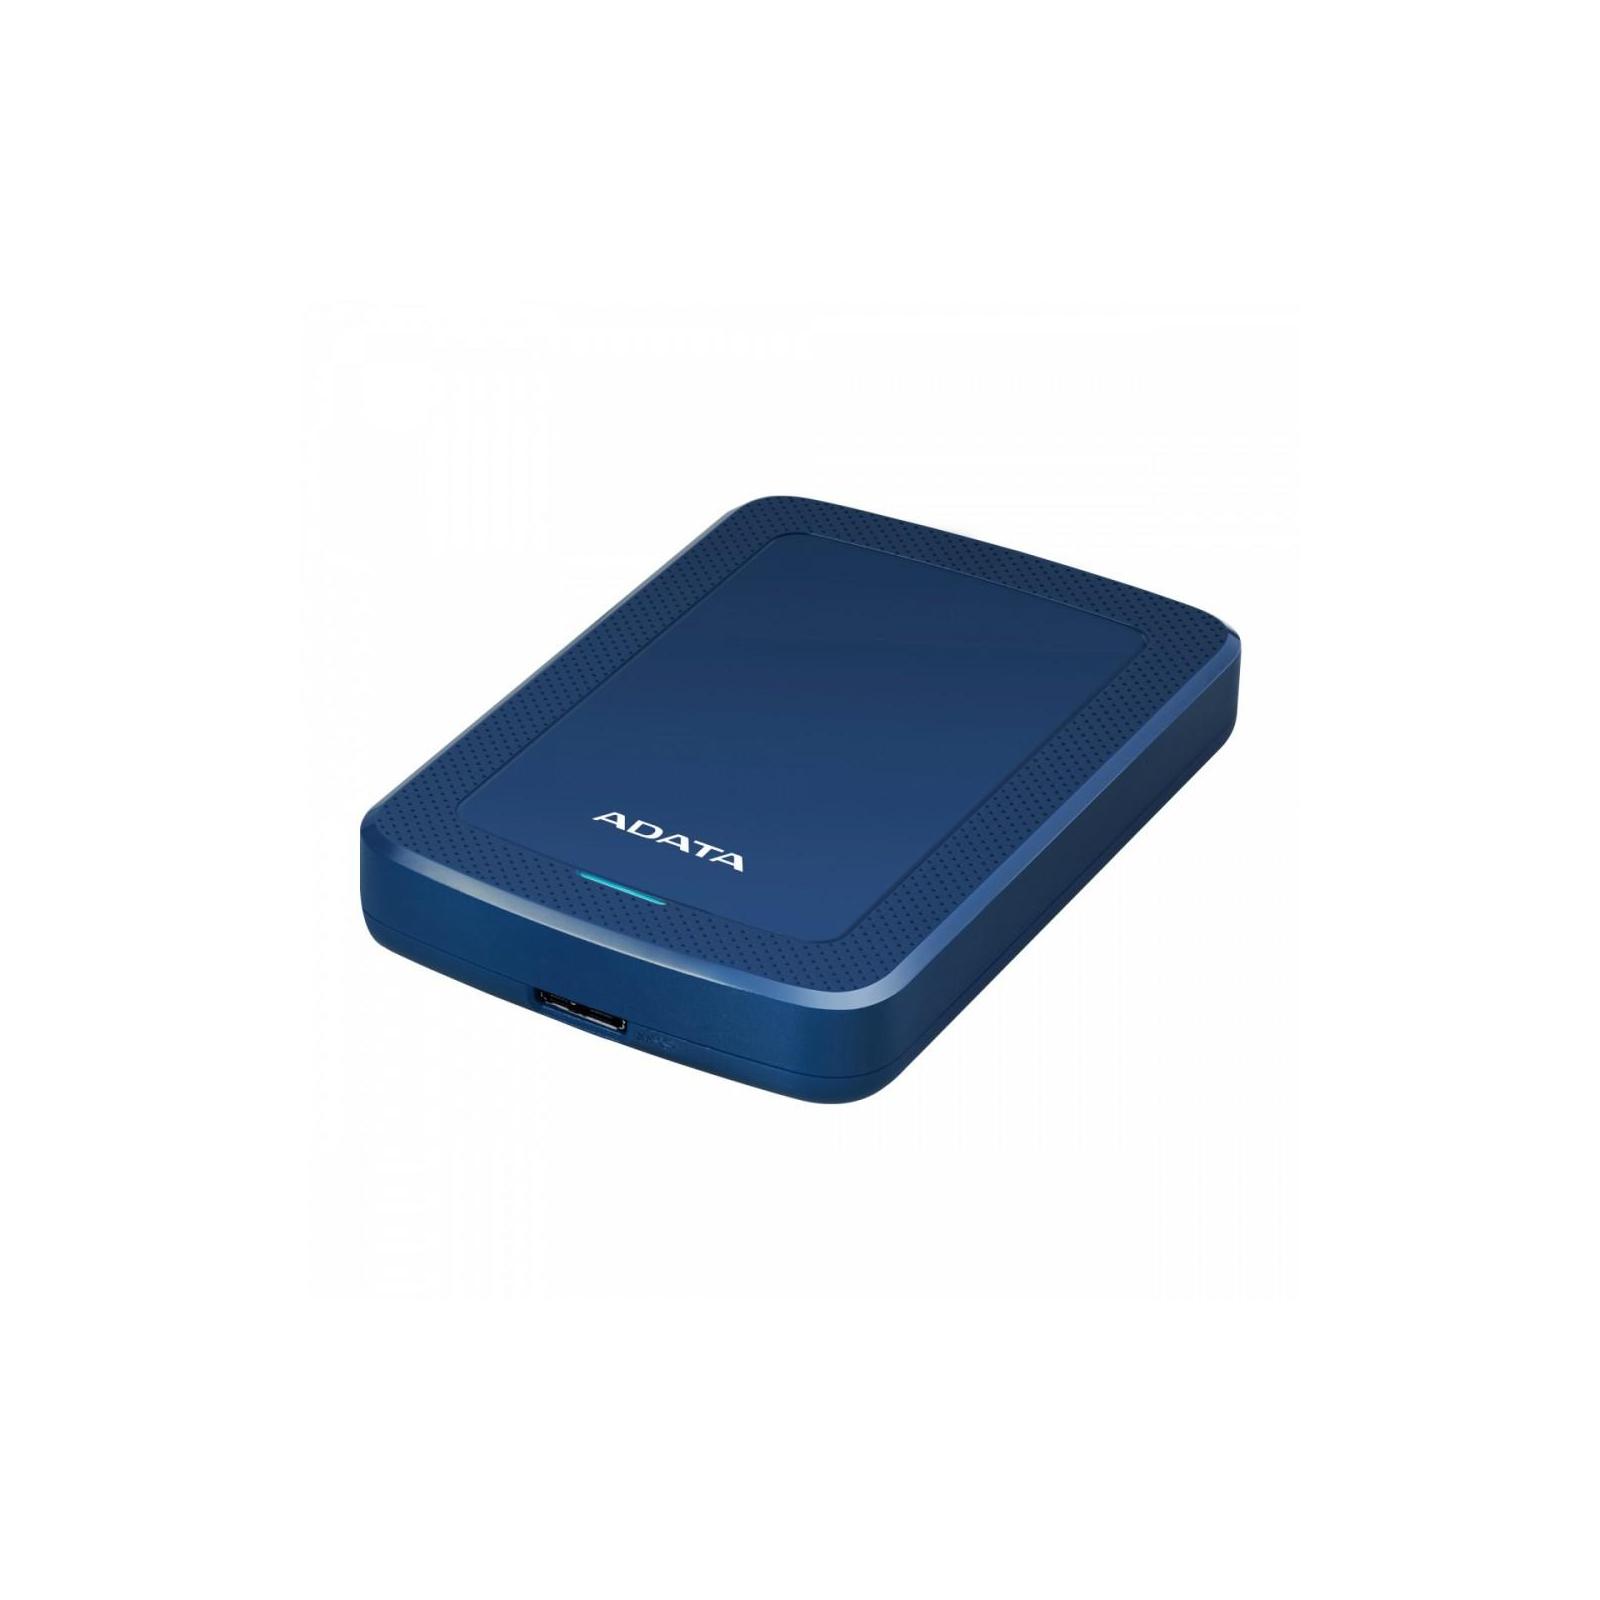 """Внешний жесткий диск 2.5"""" 5TB ADATA (AHV300-5TU31-CBL) изображение 2"""